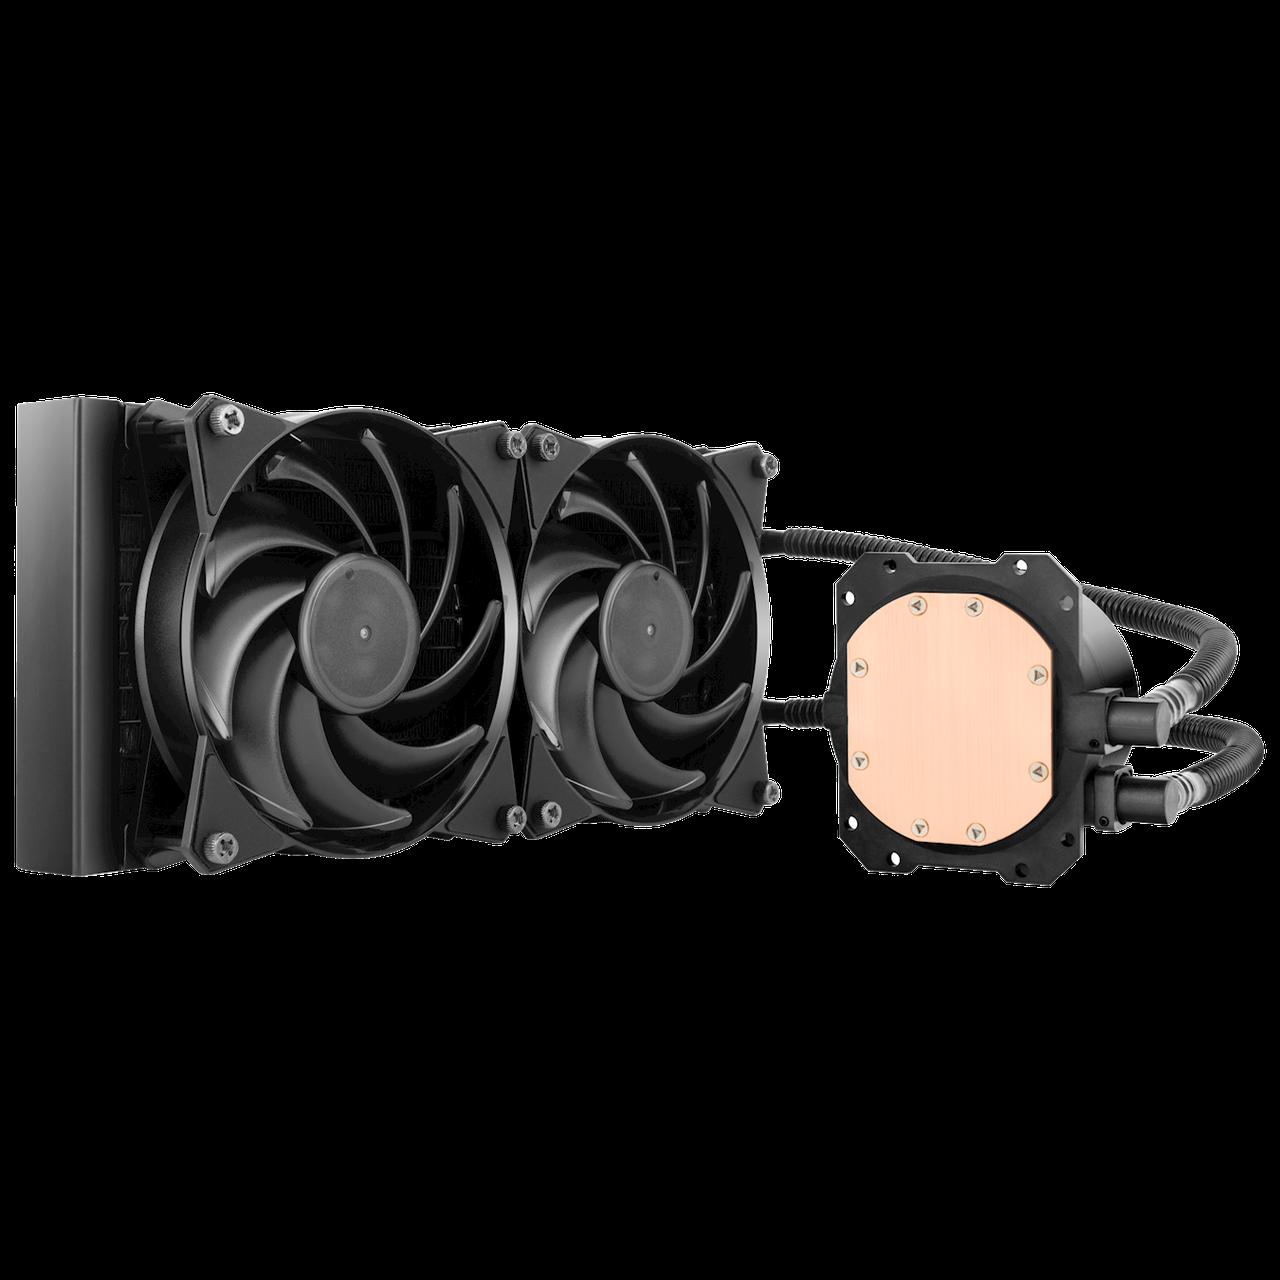 Водяное охлаждение для CPU CoolerMaster MasterLiquid Lite 240